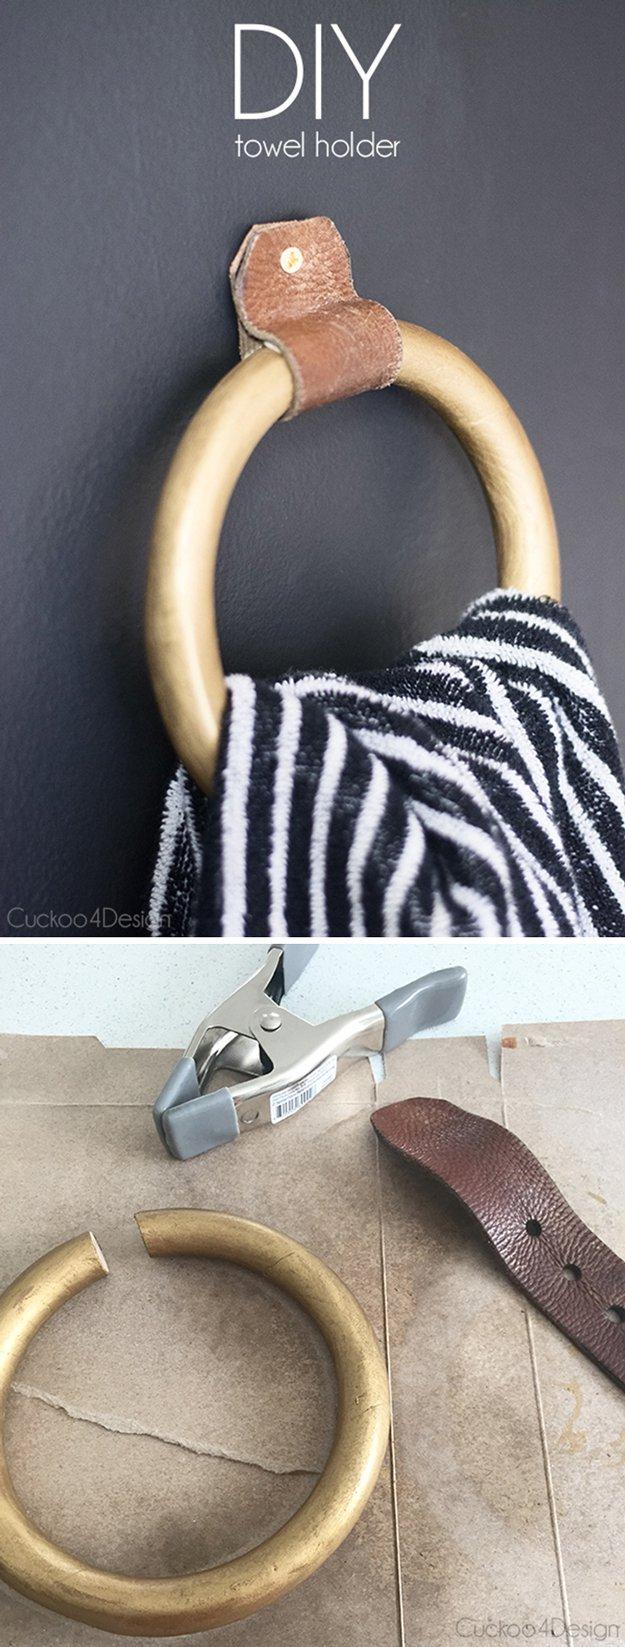 Bathroom Decorating Ideas on a Budget DIY Ready on Bathroom Ideas On A Budget  id=21540